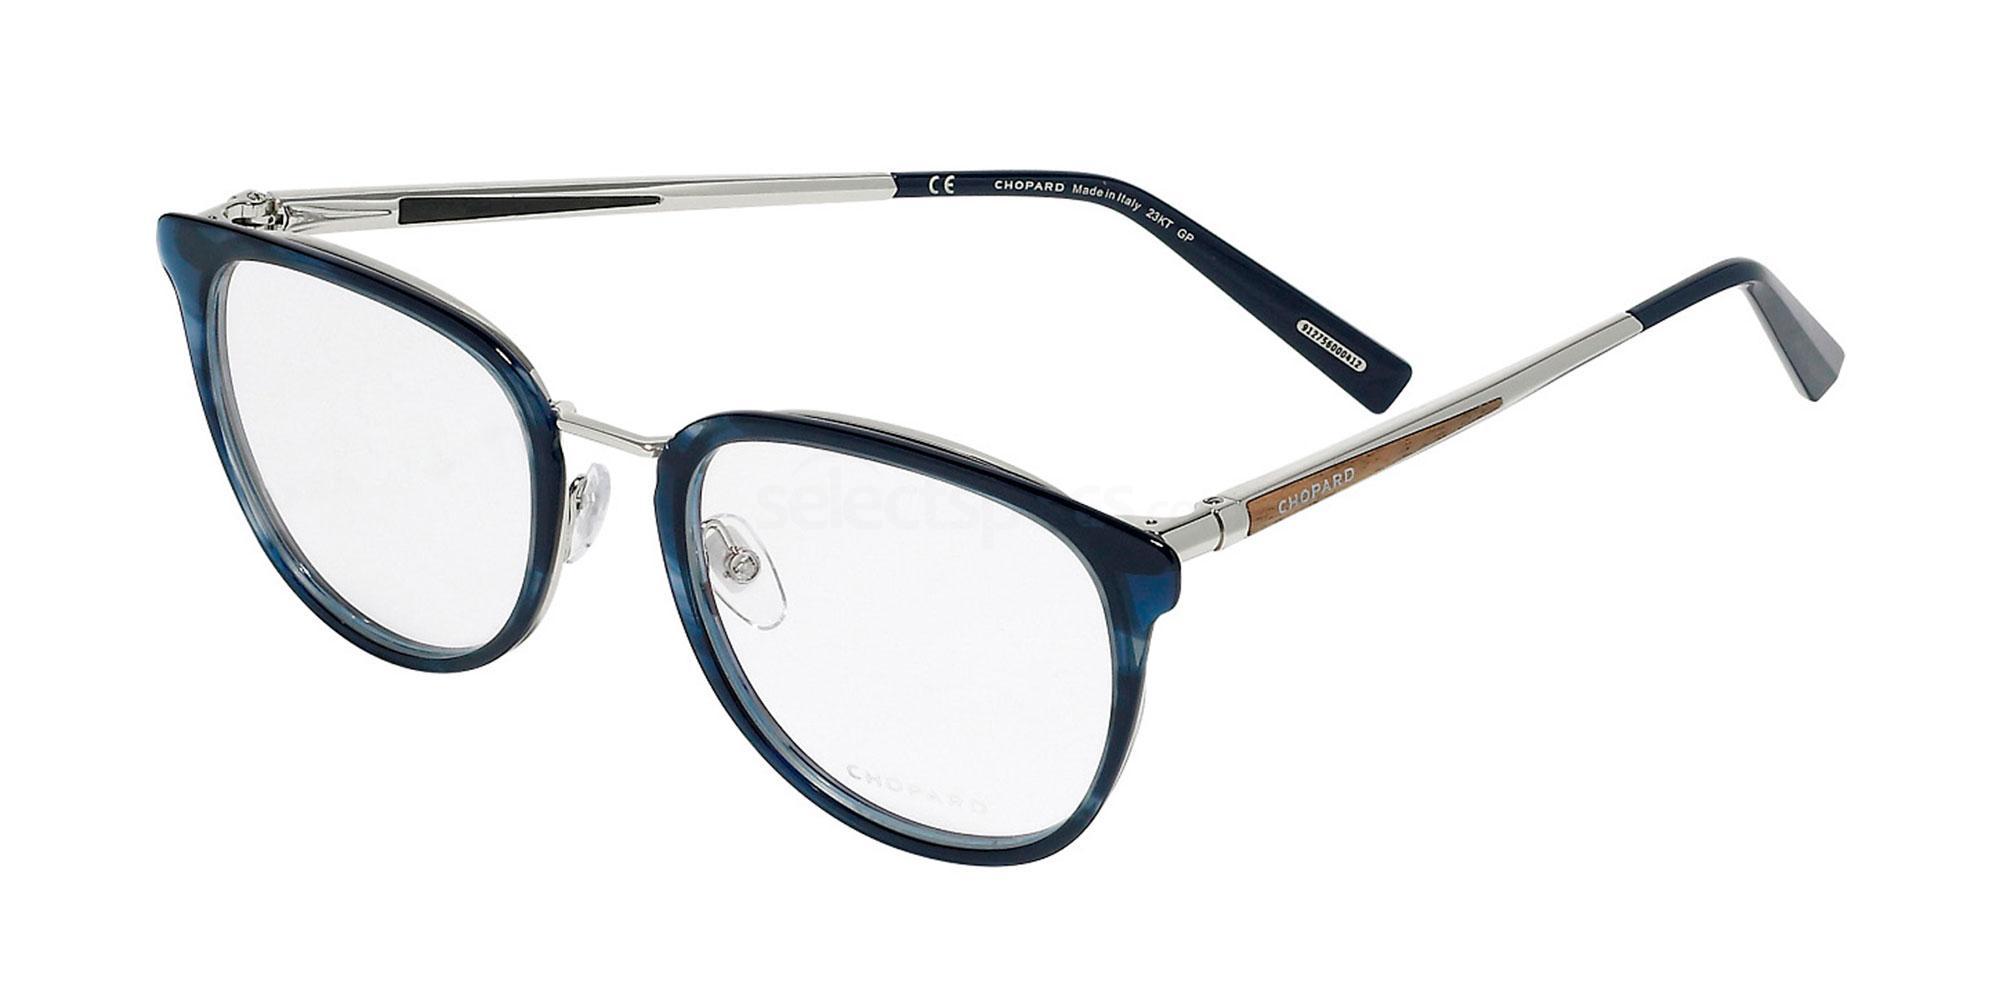 09N4 VCHD19 Glasses, Chopard